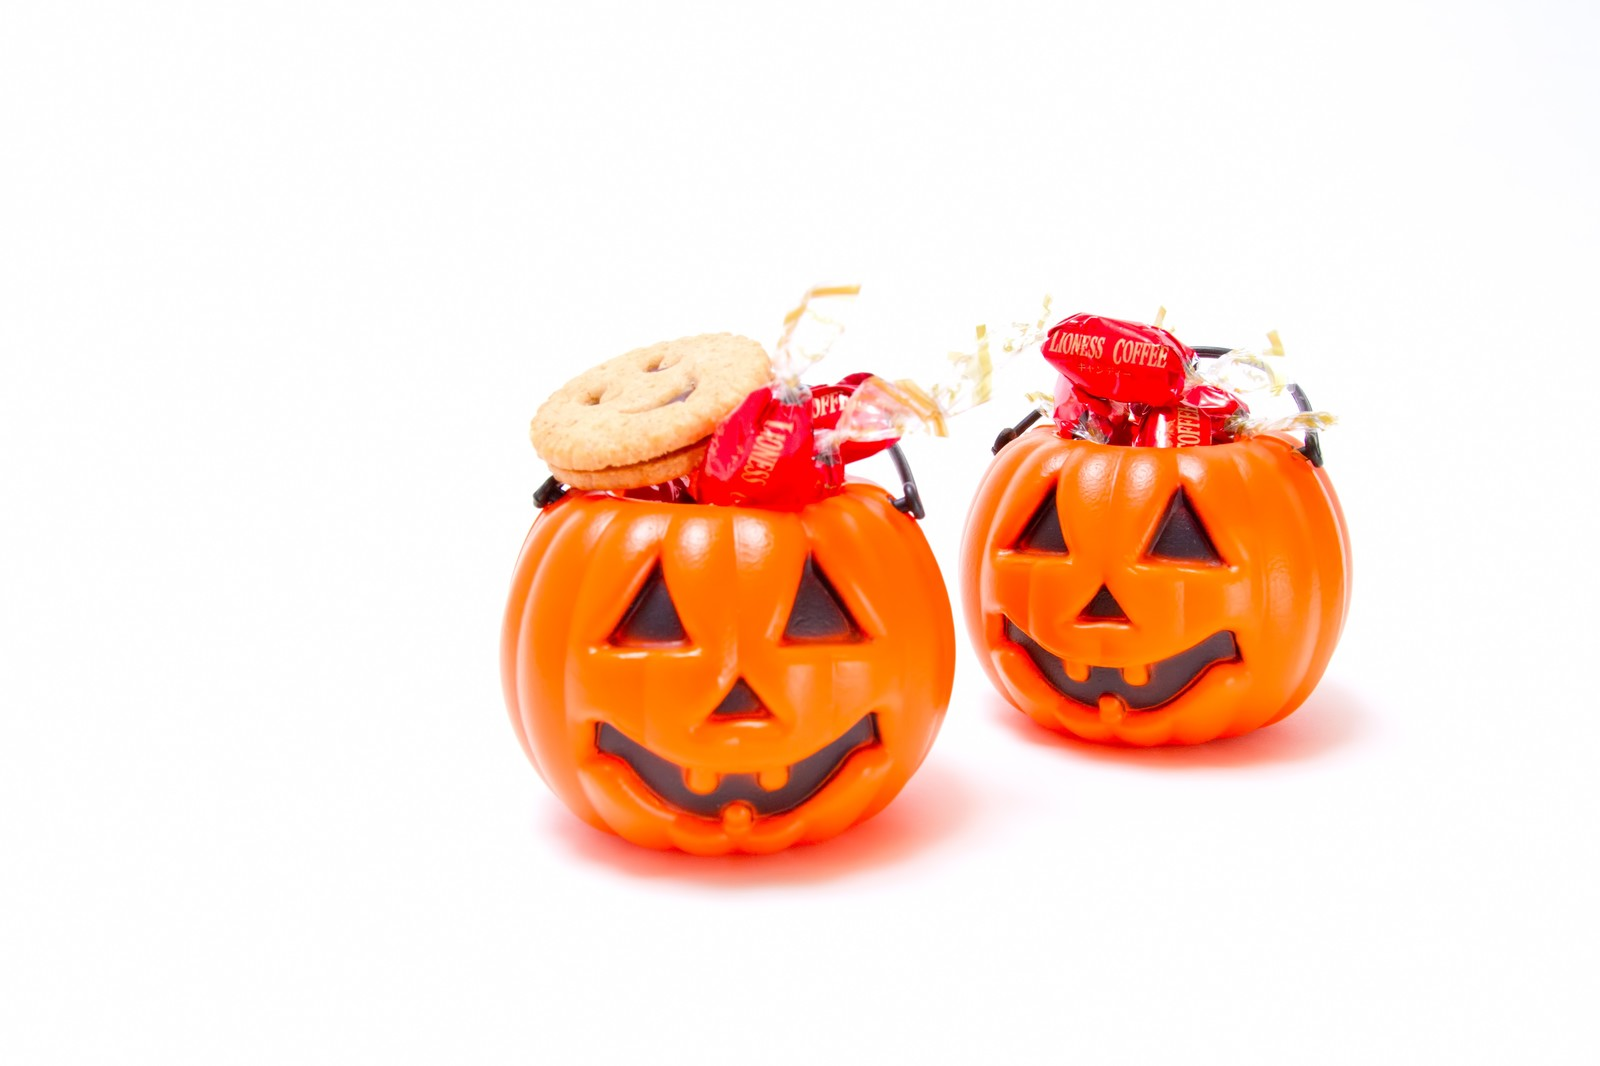 「飴が入った二つのかぼちゃ」の写真